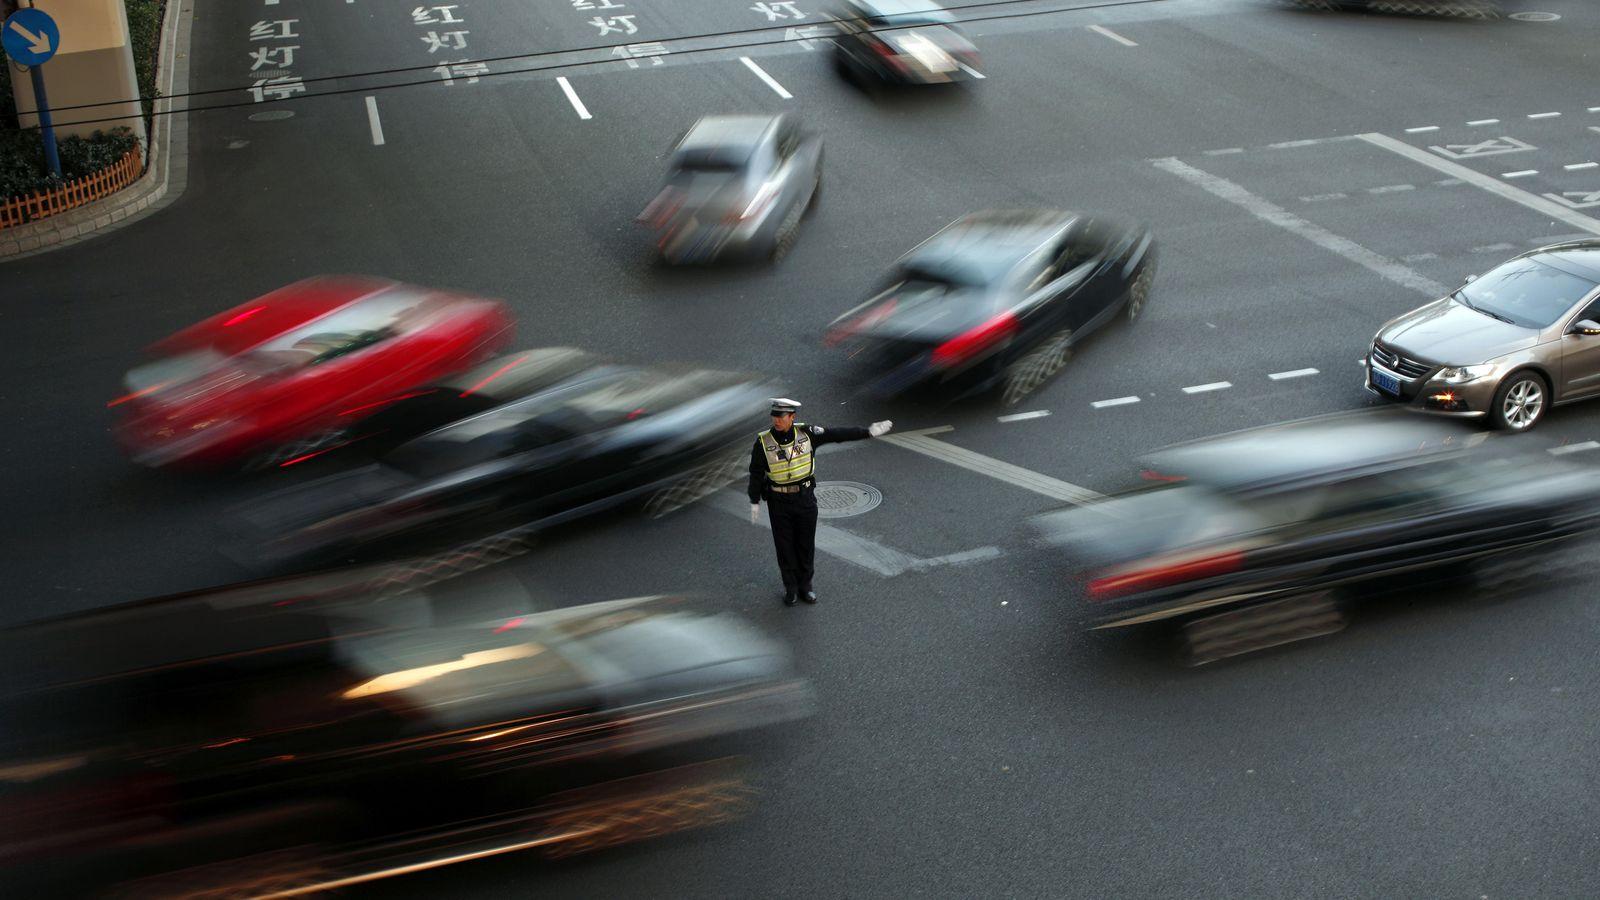 Foto: Un policía regula el tráfico en una ciudad del centro de Shangái. (Reuters/Carlos Barria)